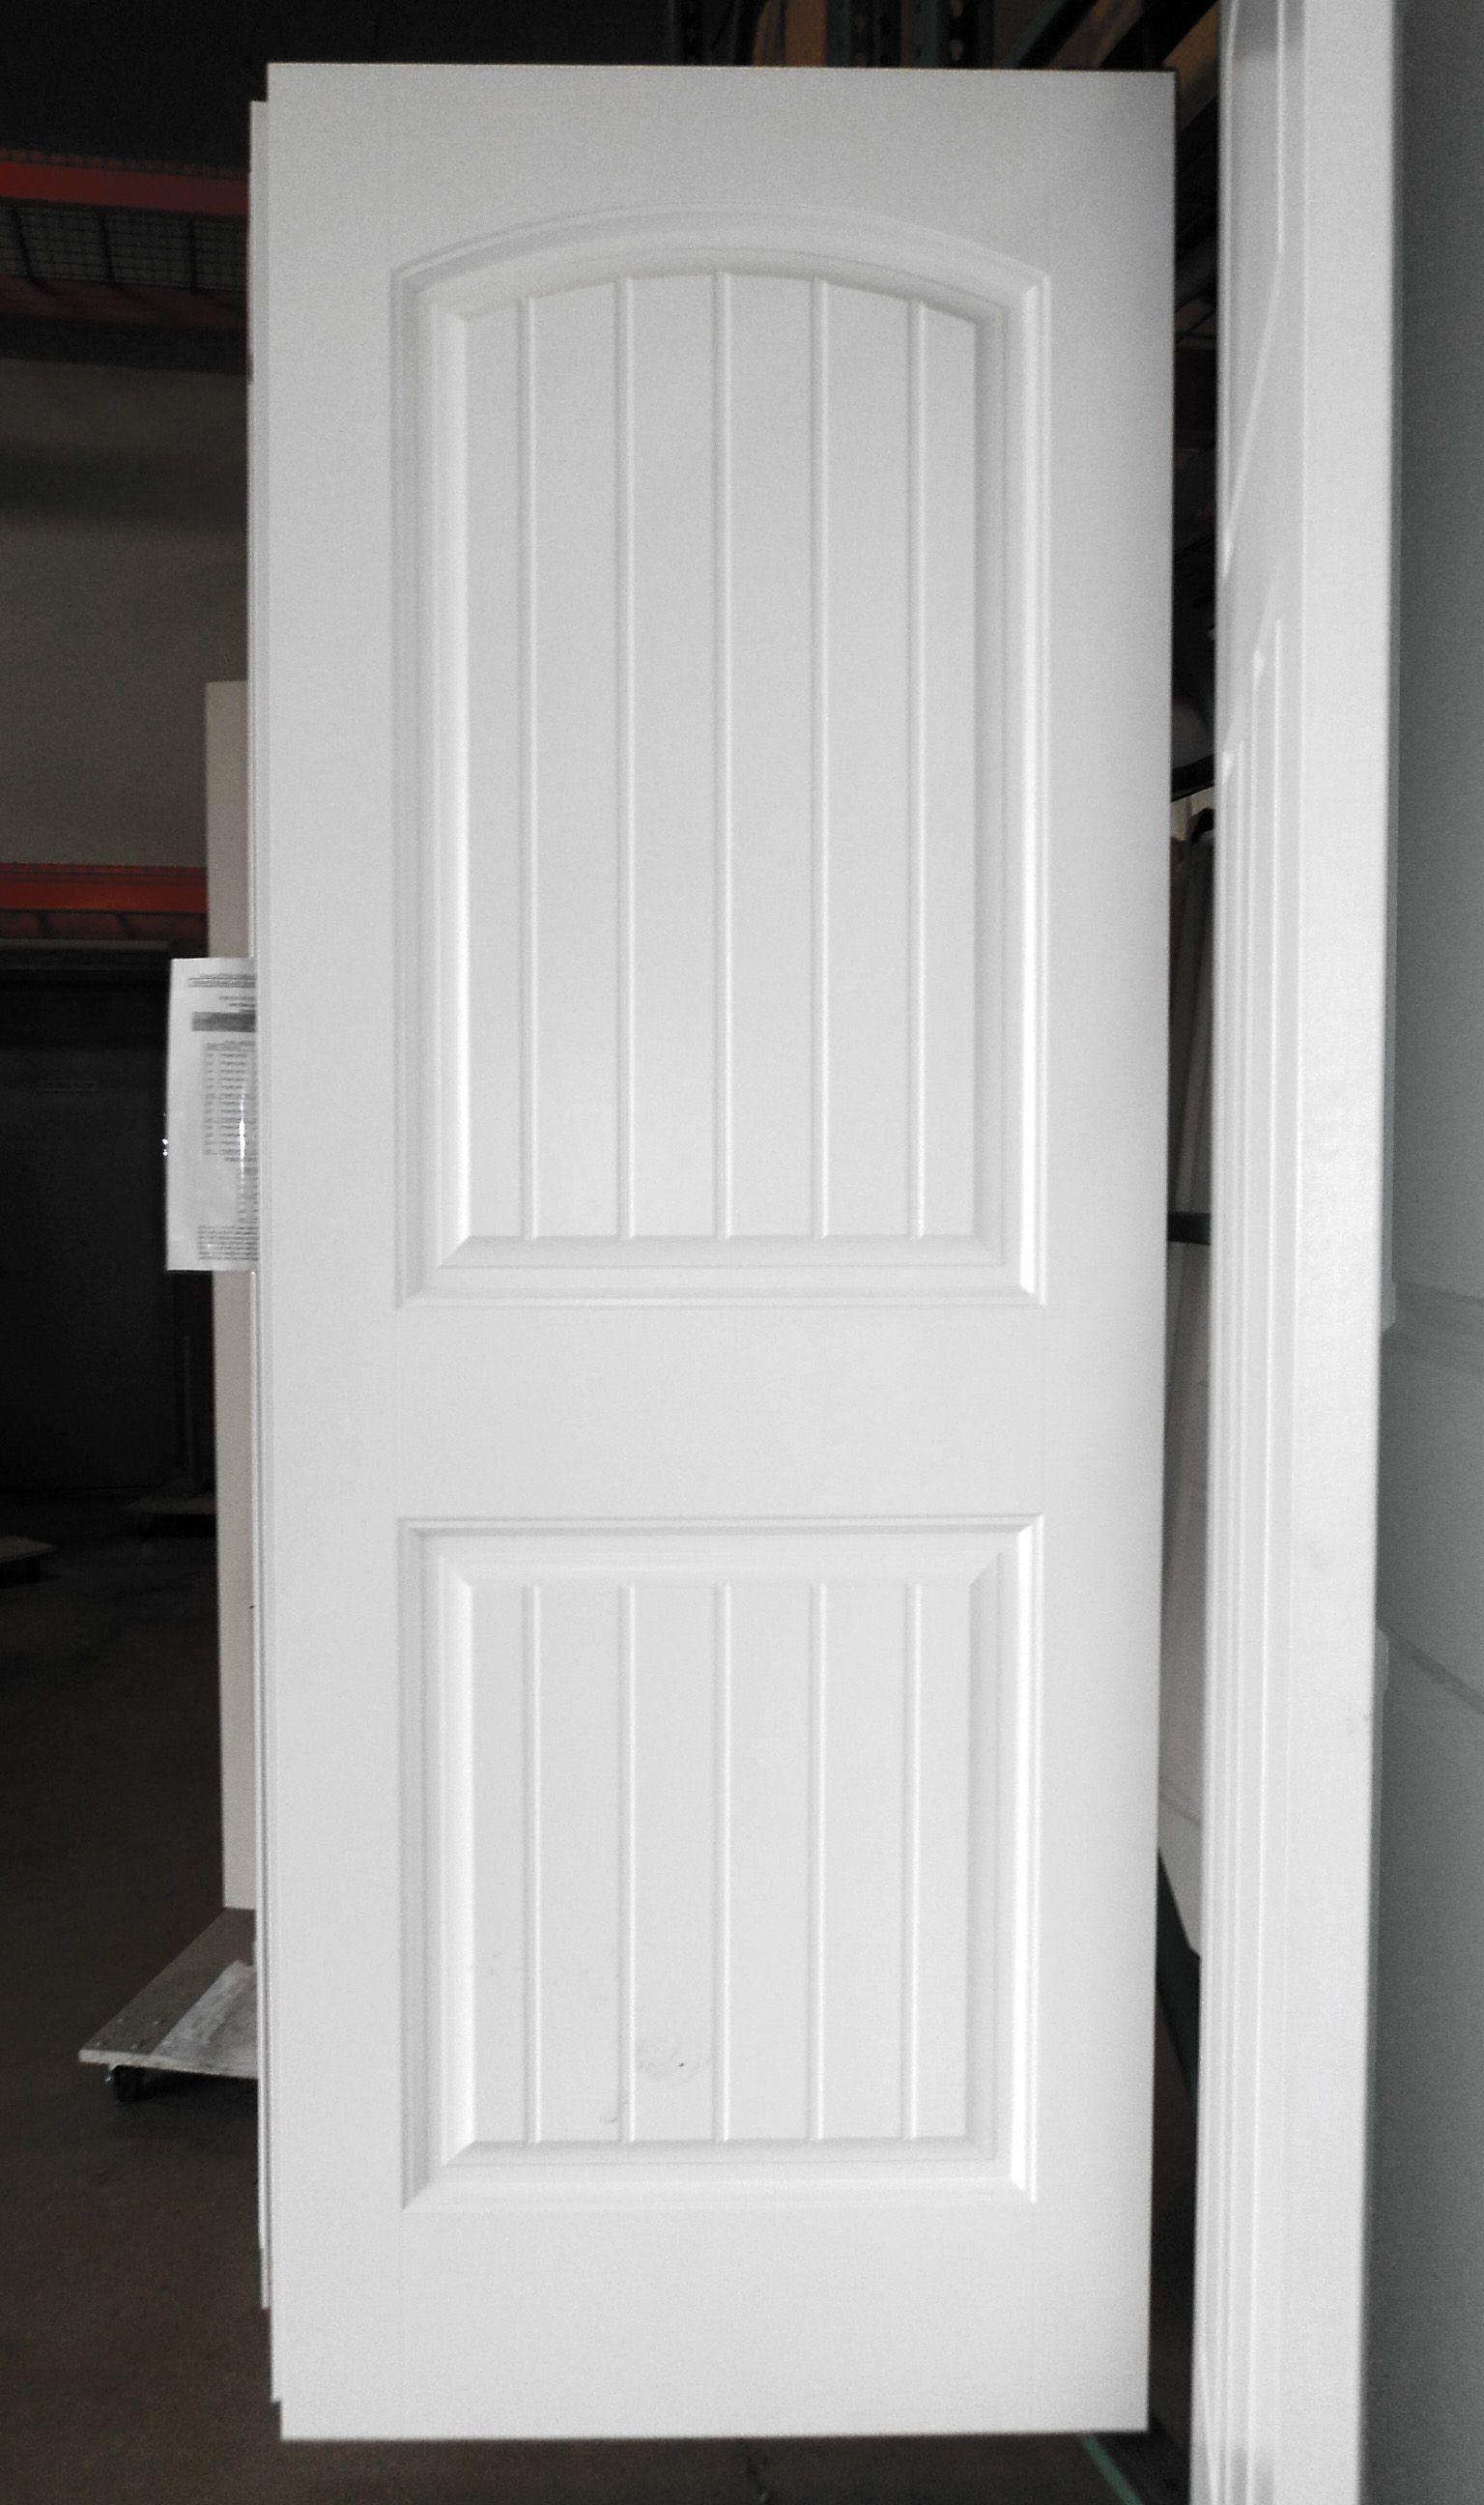 2 Panel Painted White Cheyenne Smooth Masonite Hollow Core Interior Door